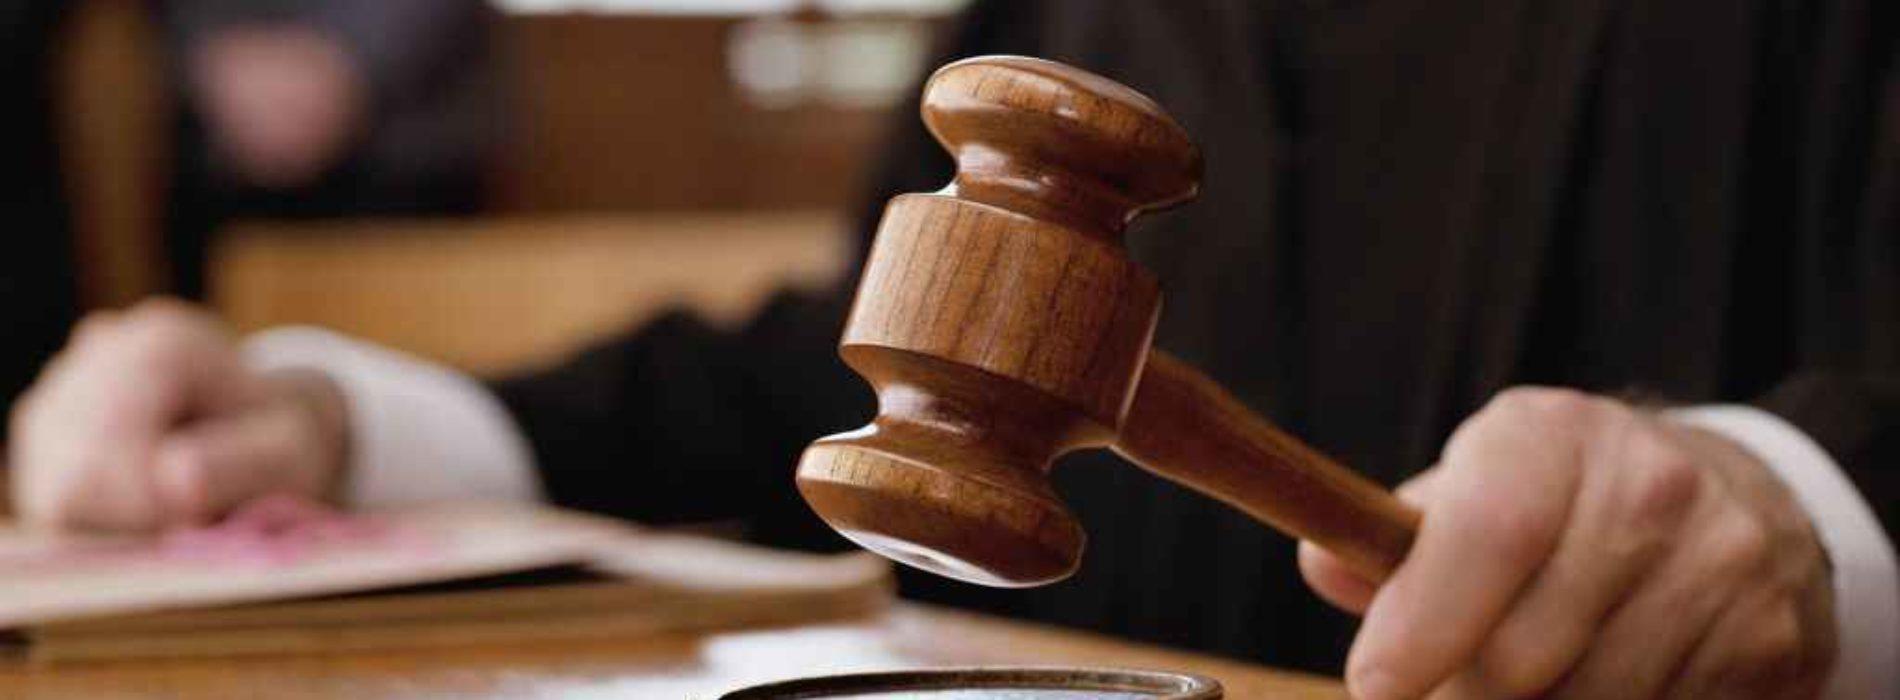 La Pubblica Amministrazione dovrà risarcire i danni per autorizzazione illegittima